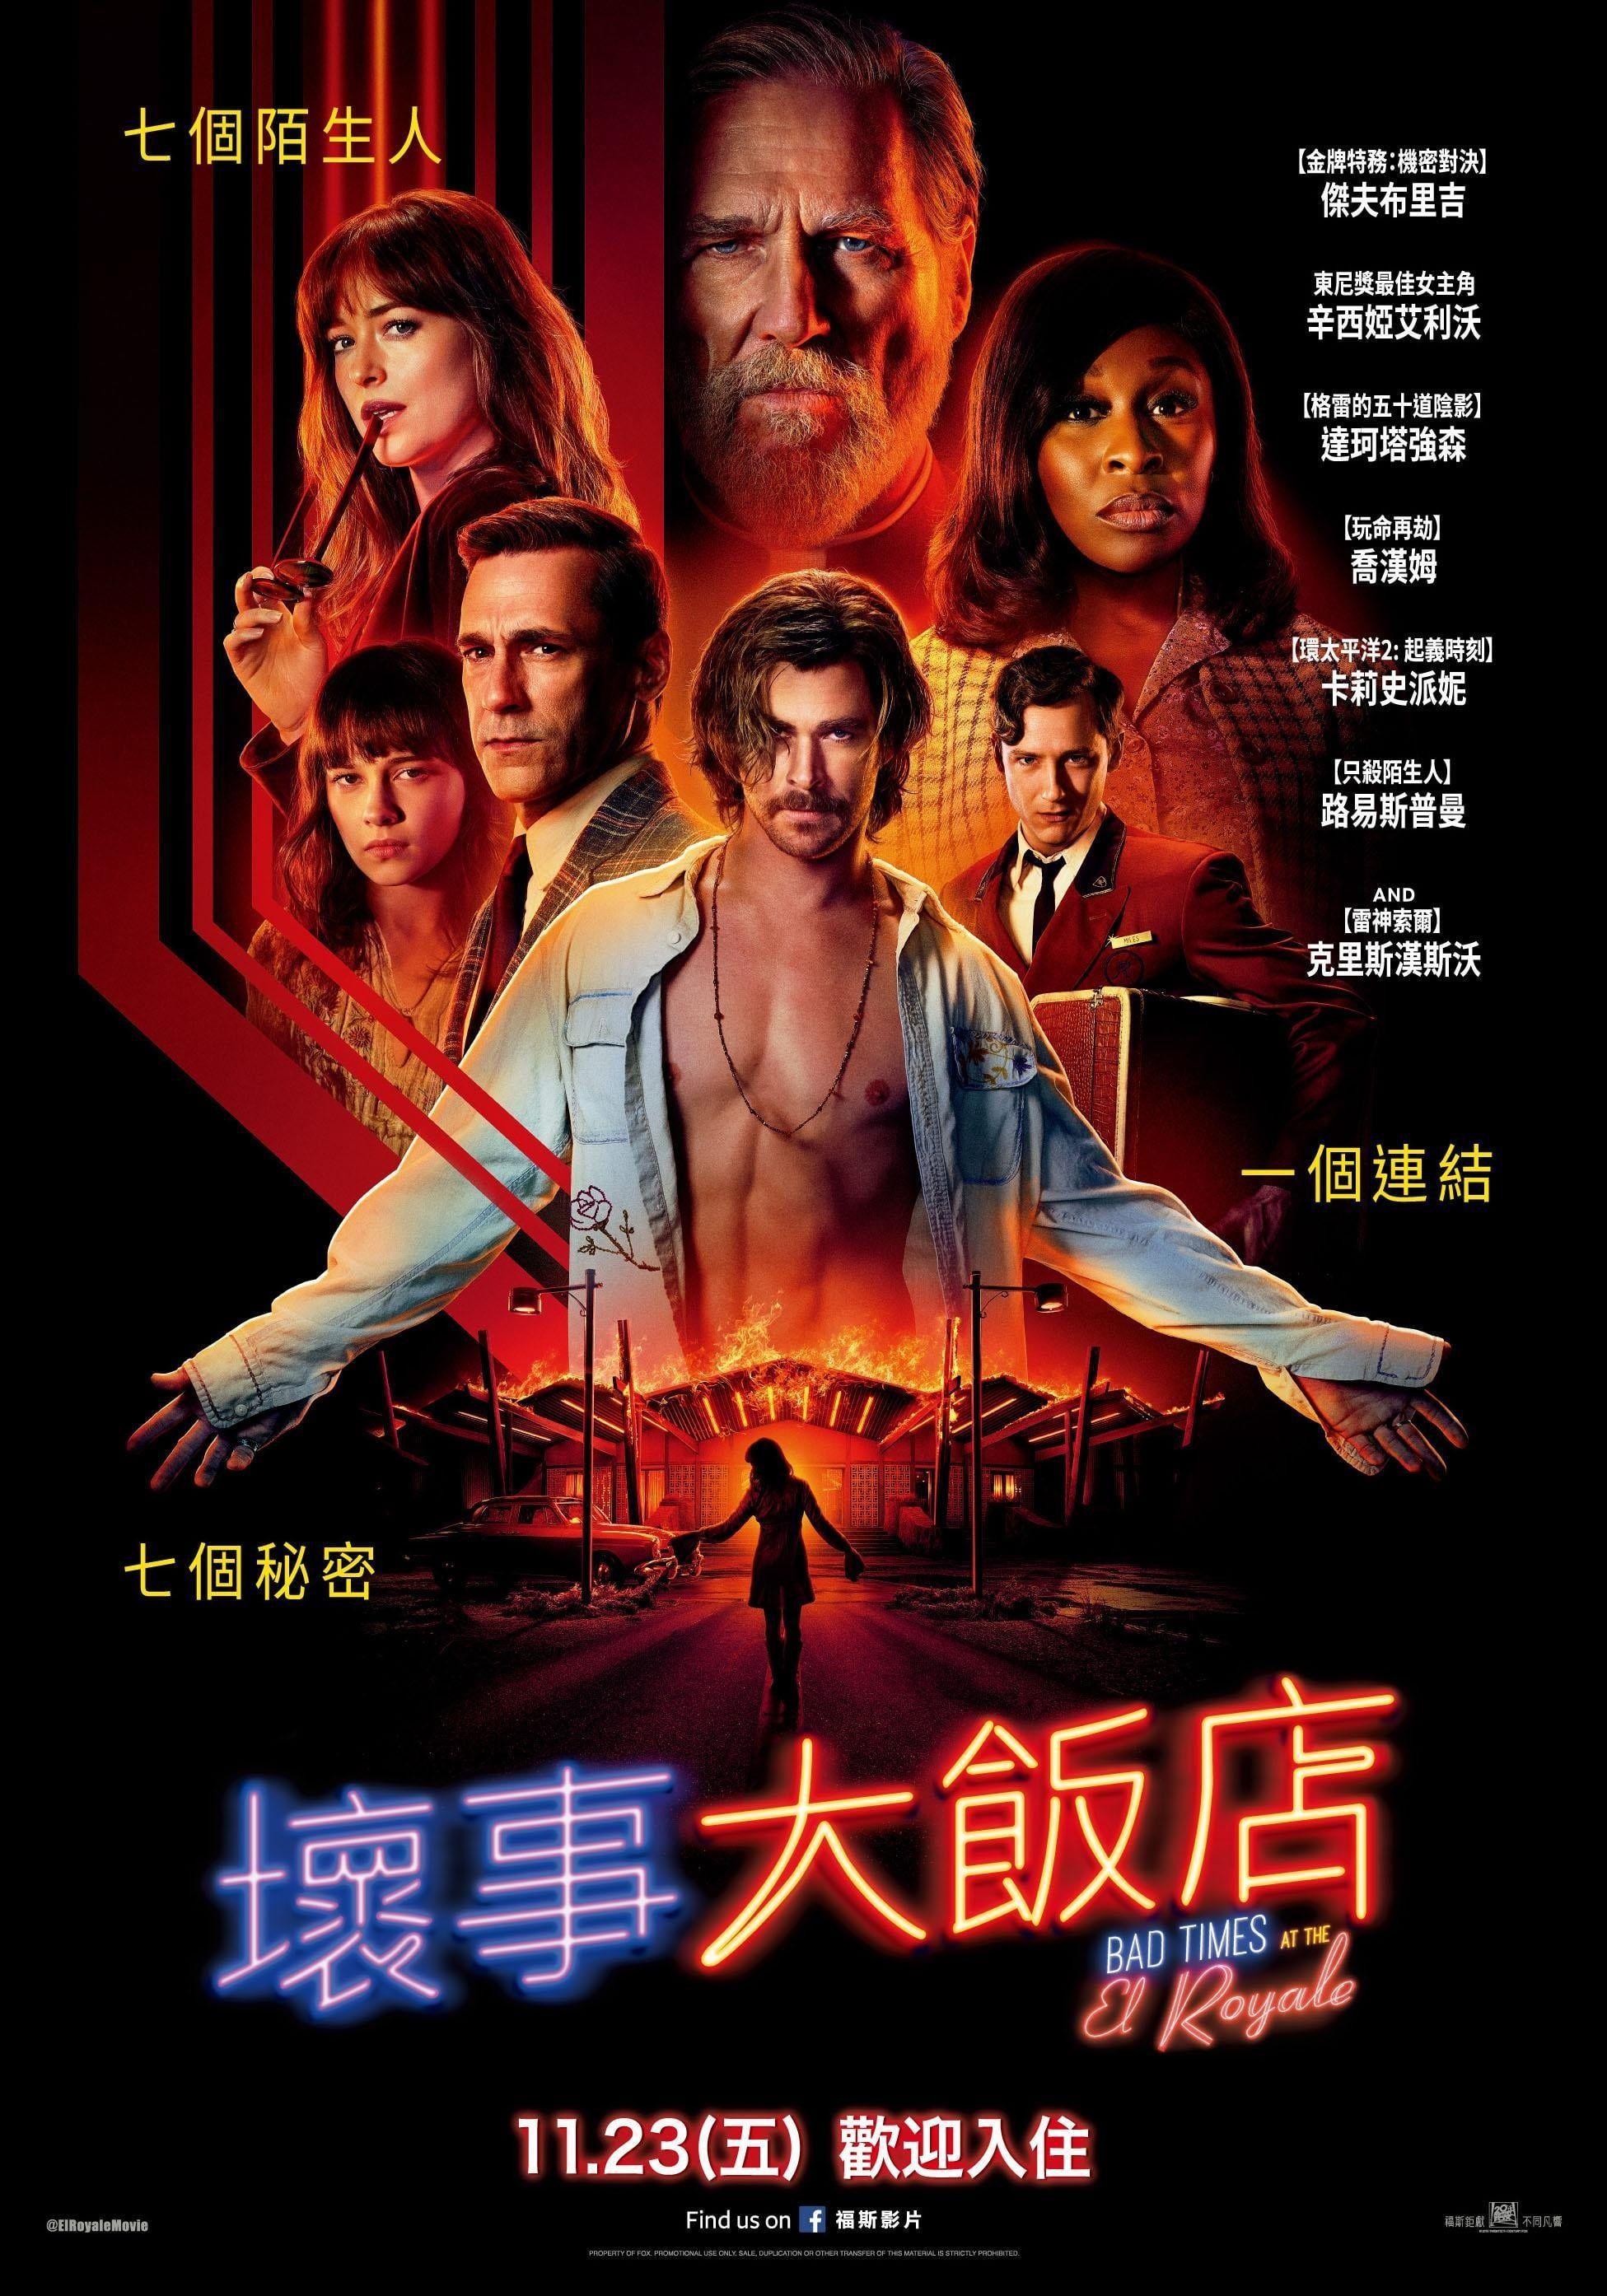 Regarder Bad Times At The El Royale Film En Ligne Lucasfilm Badtimesattheelroyale Movie Fullmovie Streamingonline Bad Timing Full Movies Top Movies